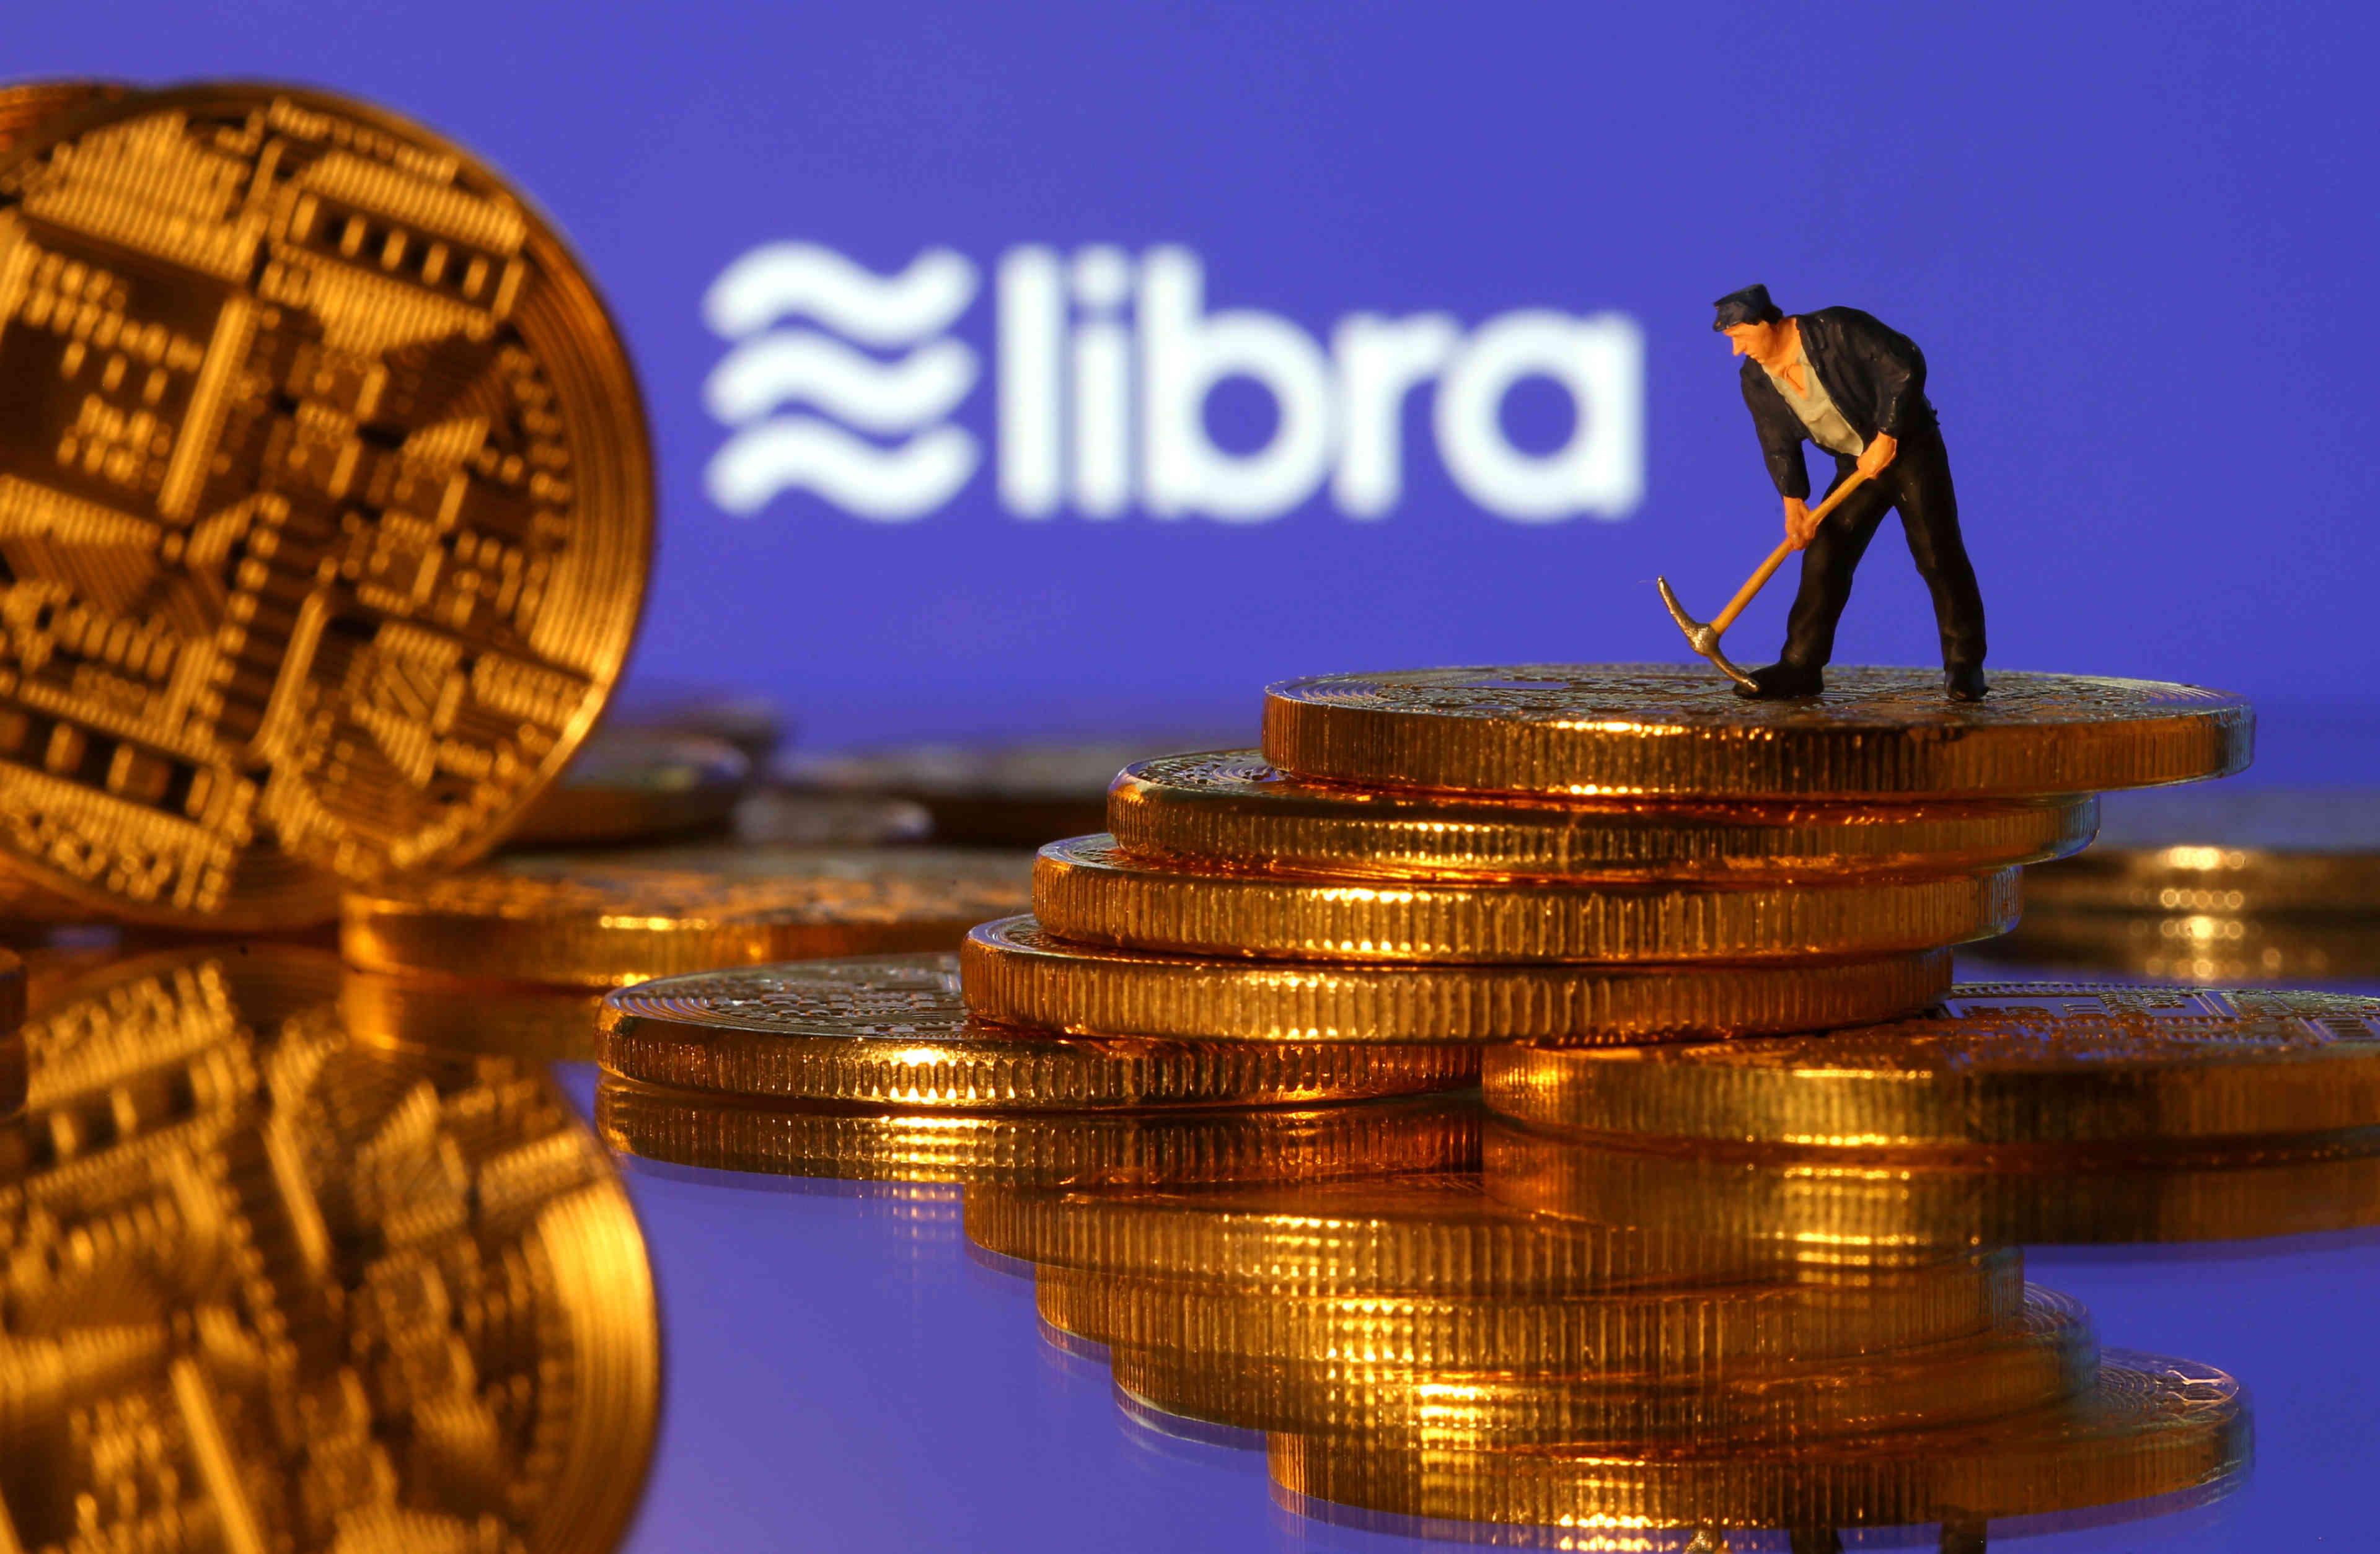 «Le seul cas où les cryptomonnaies pourraient avoir un usage conséquent comme monnaie est celui des pays où la monnaie publique est dysfonctionnelle, comme lors d'épisodes d'hyperinflation (Venezuela, Zimbabwe). »